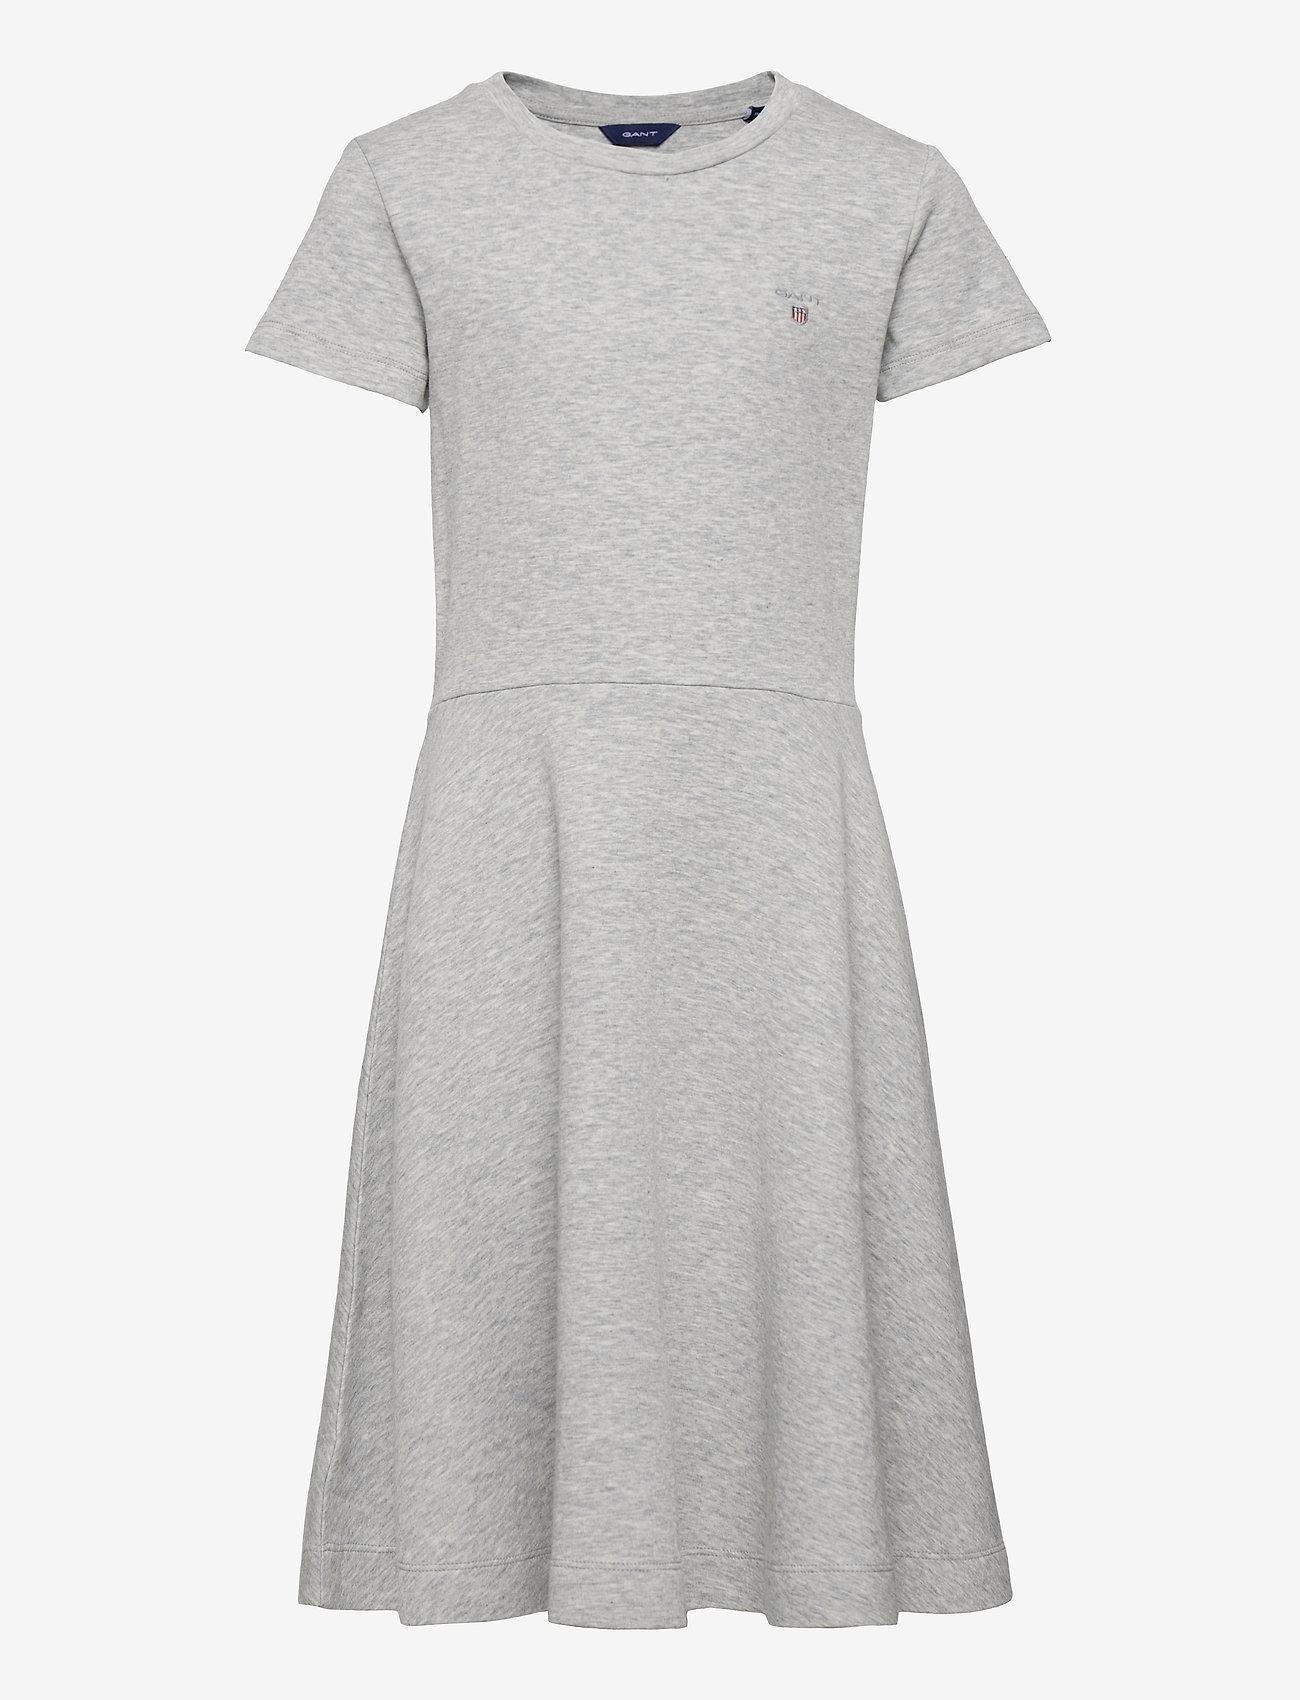 GANT - D1. ORIGINAL JERSEY DRESS - jurken - light grey melange - 0